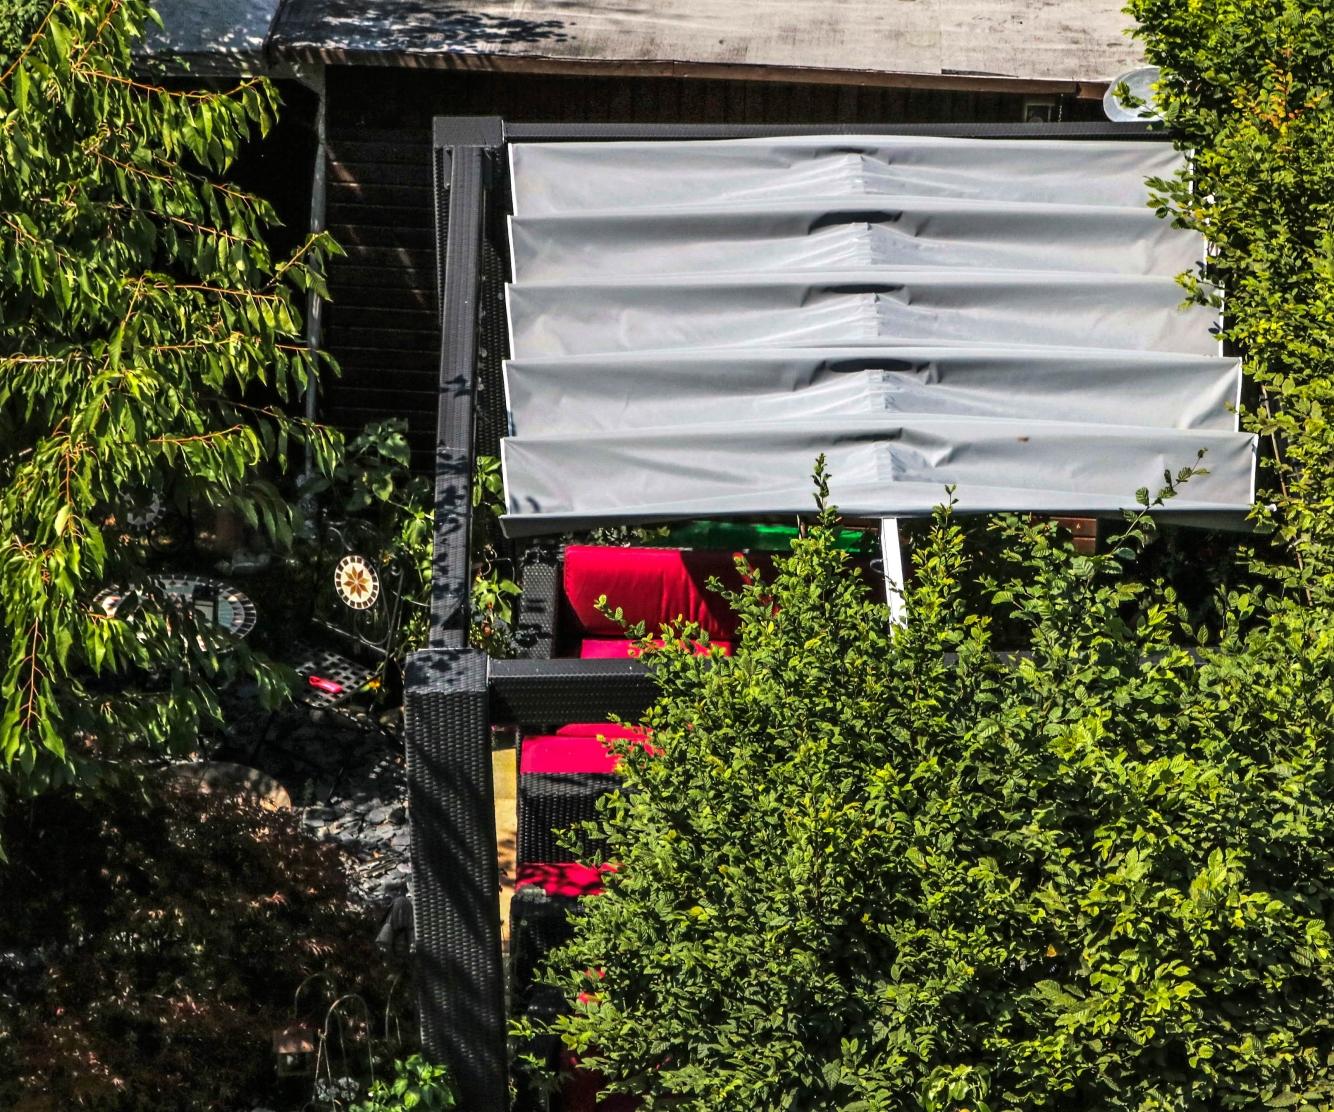 Pavillondach von Oben, Schattenspender bei Sonne, leichter Regen wird abgehalten